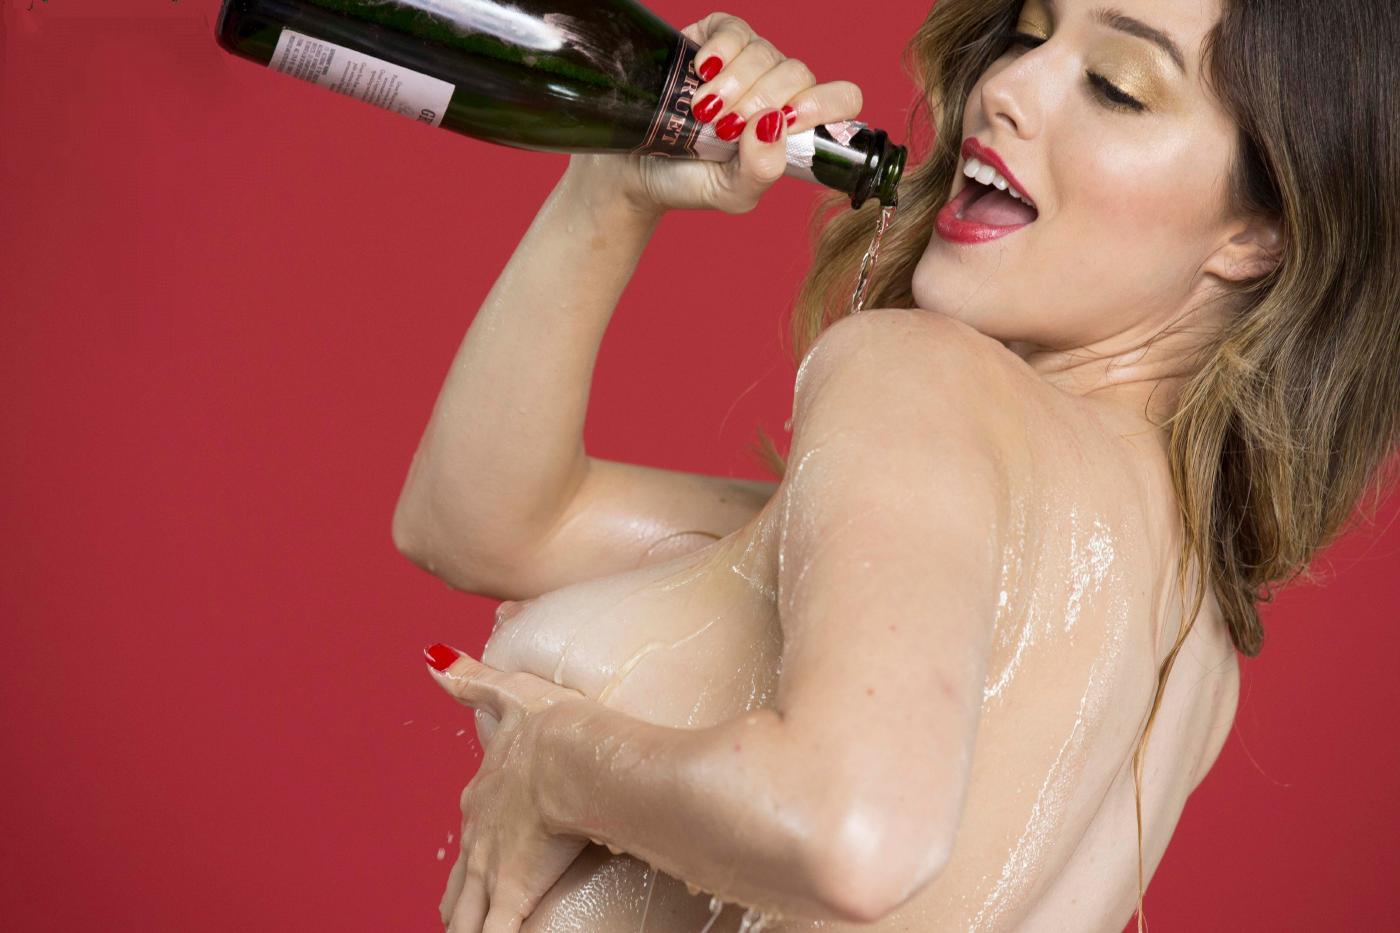 Lauren Summer Nude Playboy Photoshoot Leaked Cwazcx